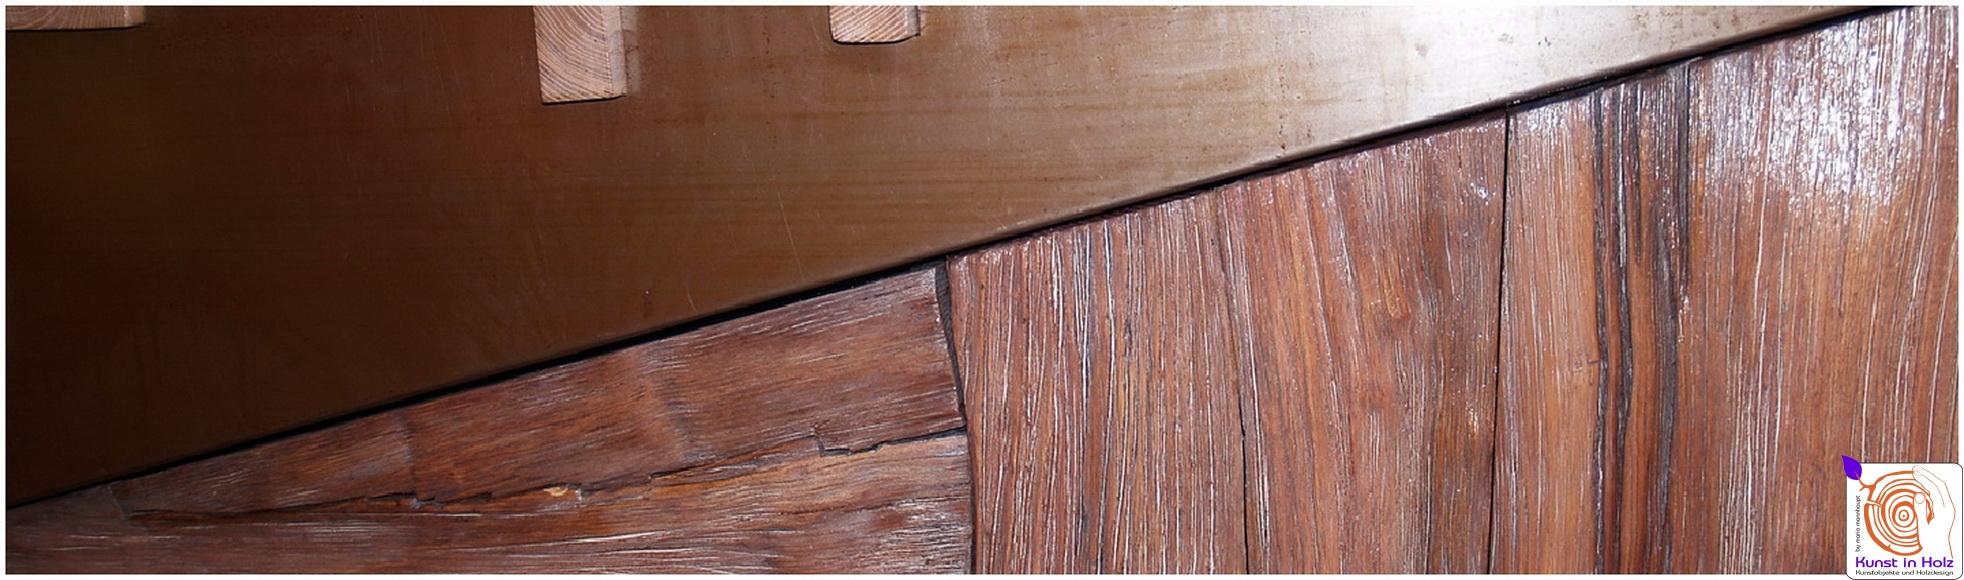 Wandrelief aus Holz und Stahl